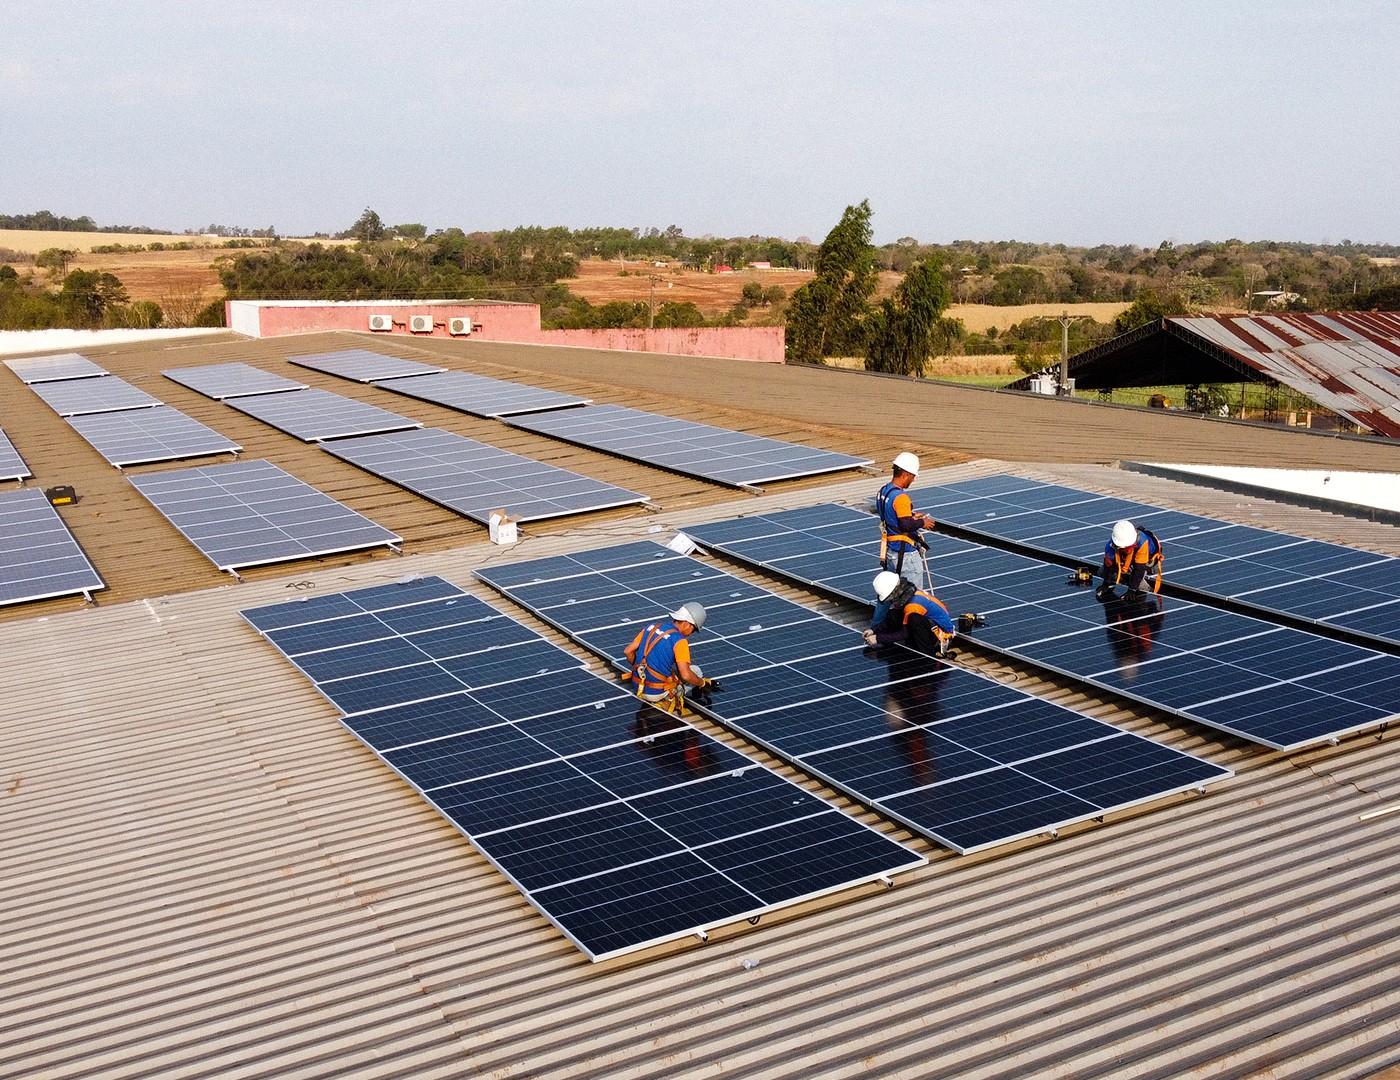 O que você precisa saber antes de adquirir um sistema de energia solar